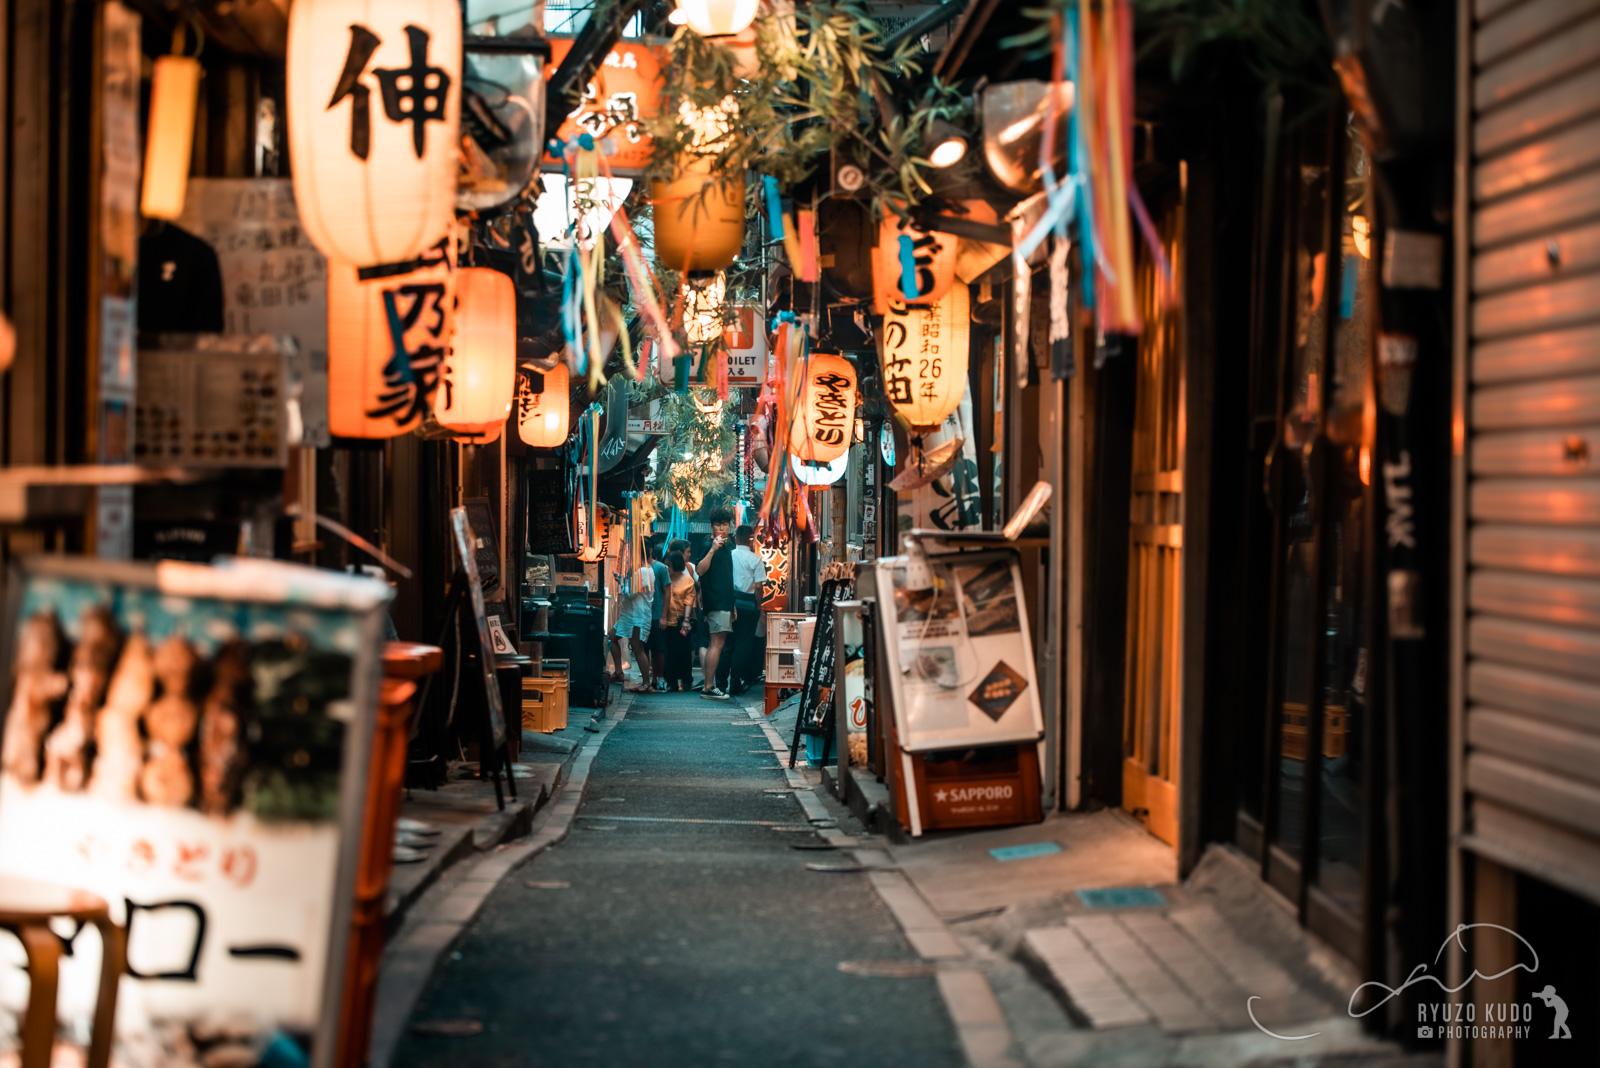 新宿西口思い出横丁ぶらり、外国人観光客も多いガード横の昭和レトロな飲み屋街